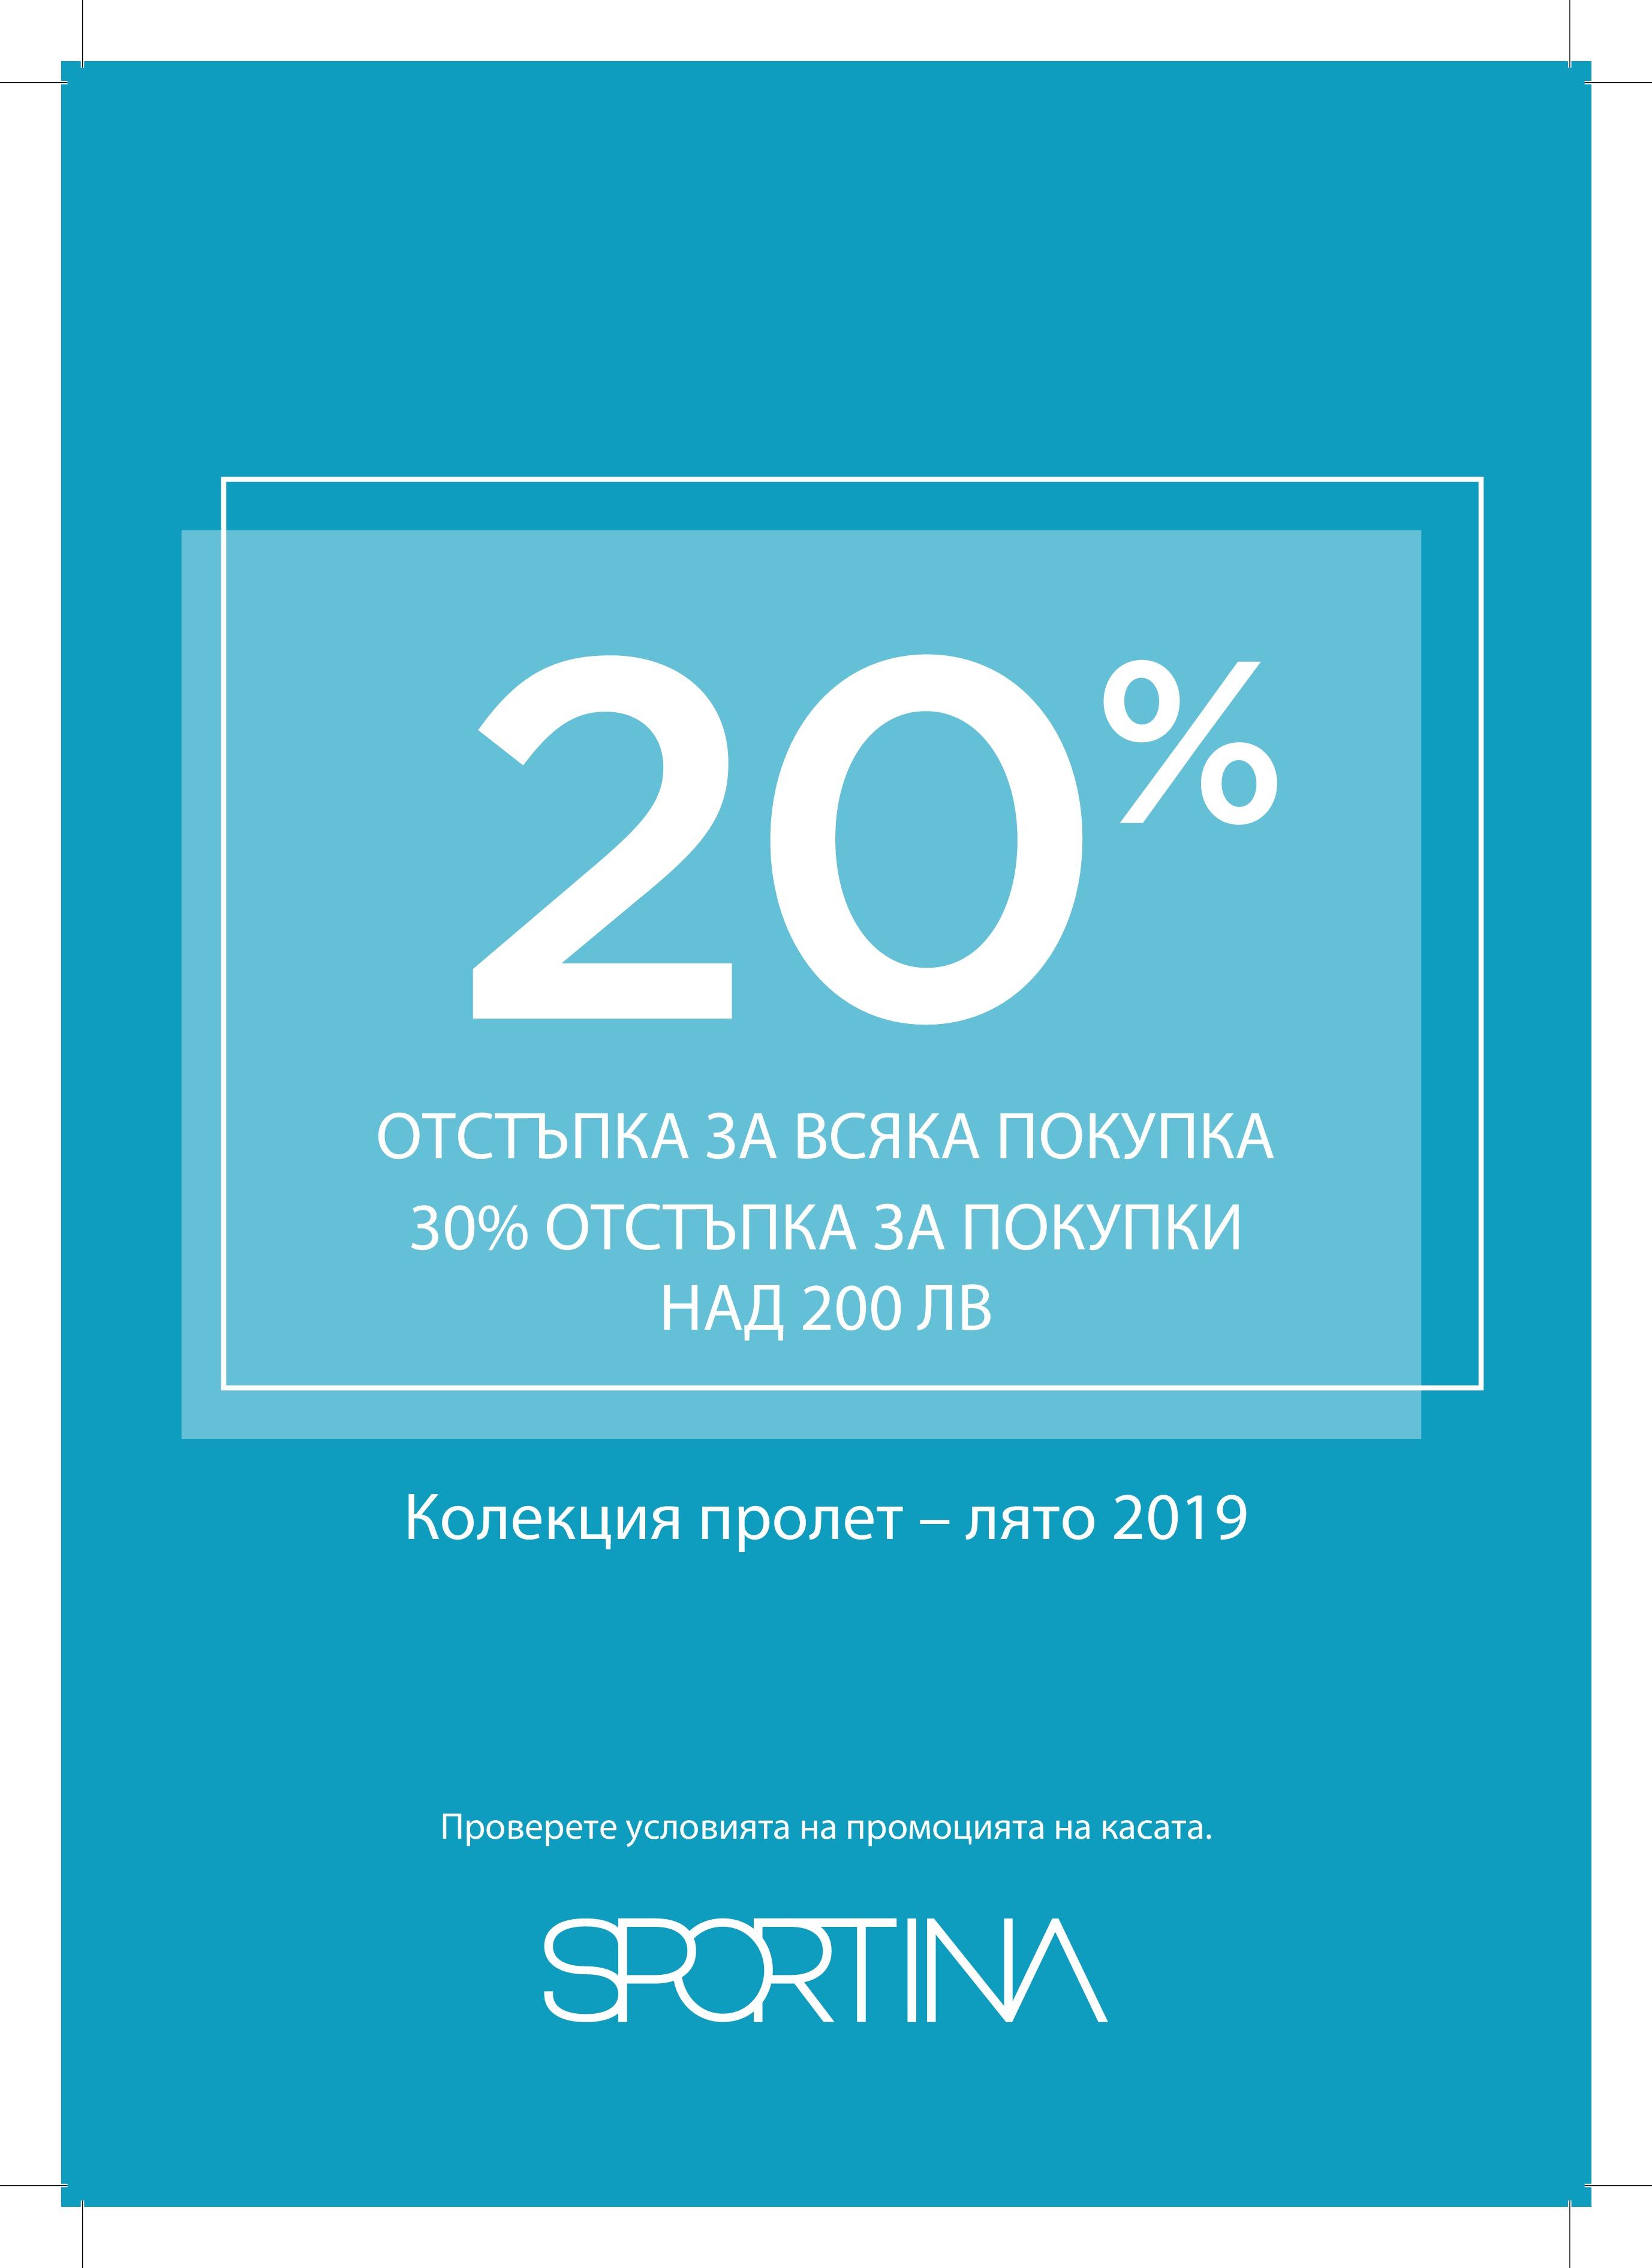 Възползвайте се от специалнотопредложение на магазин SPORTINA!